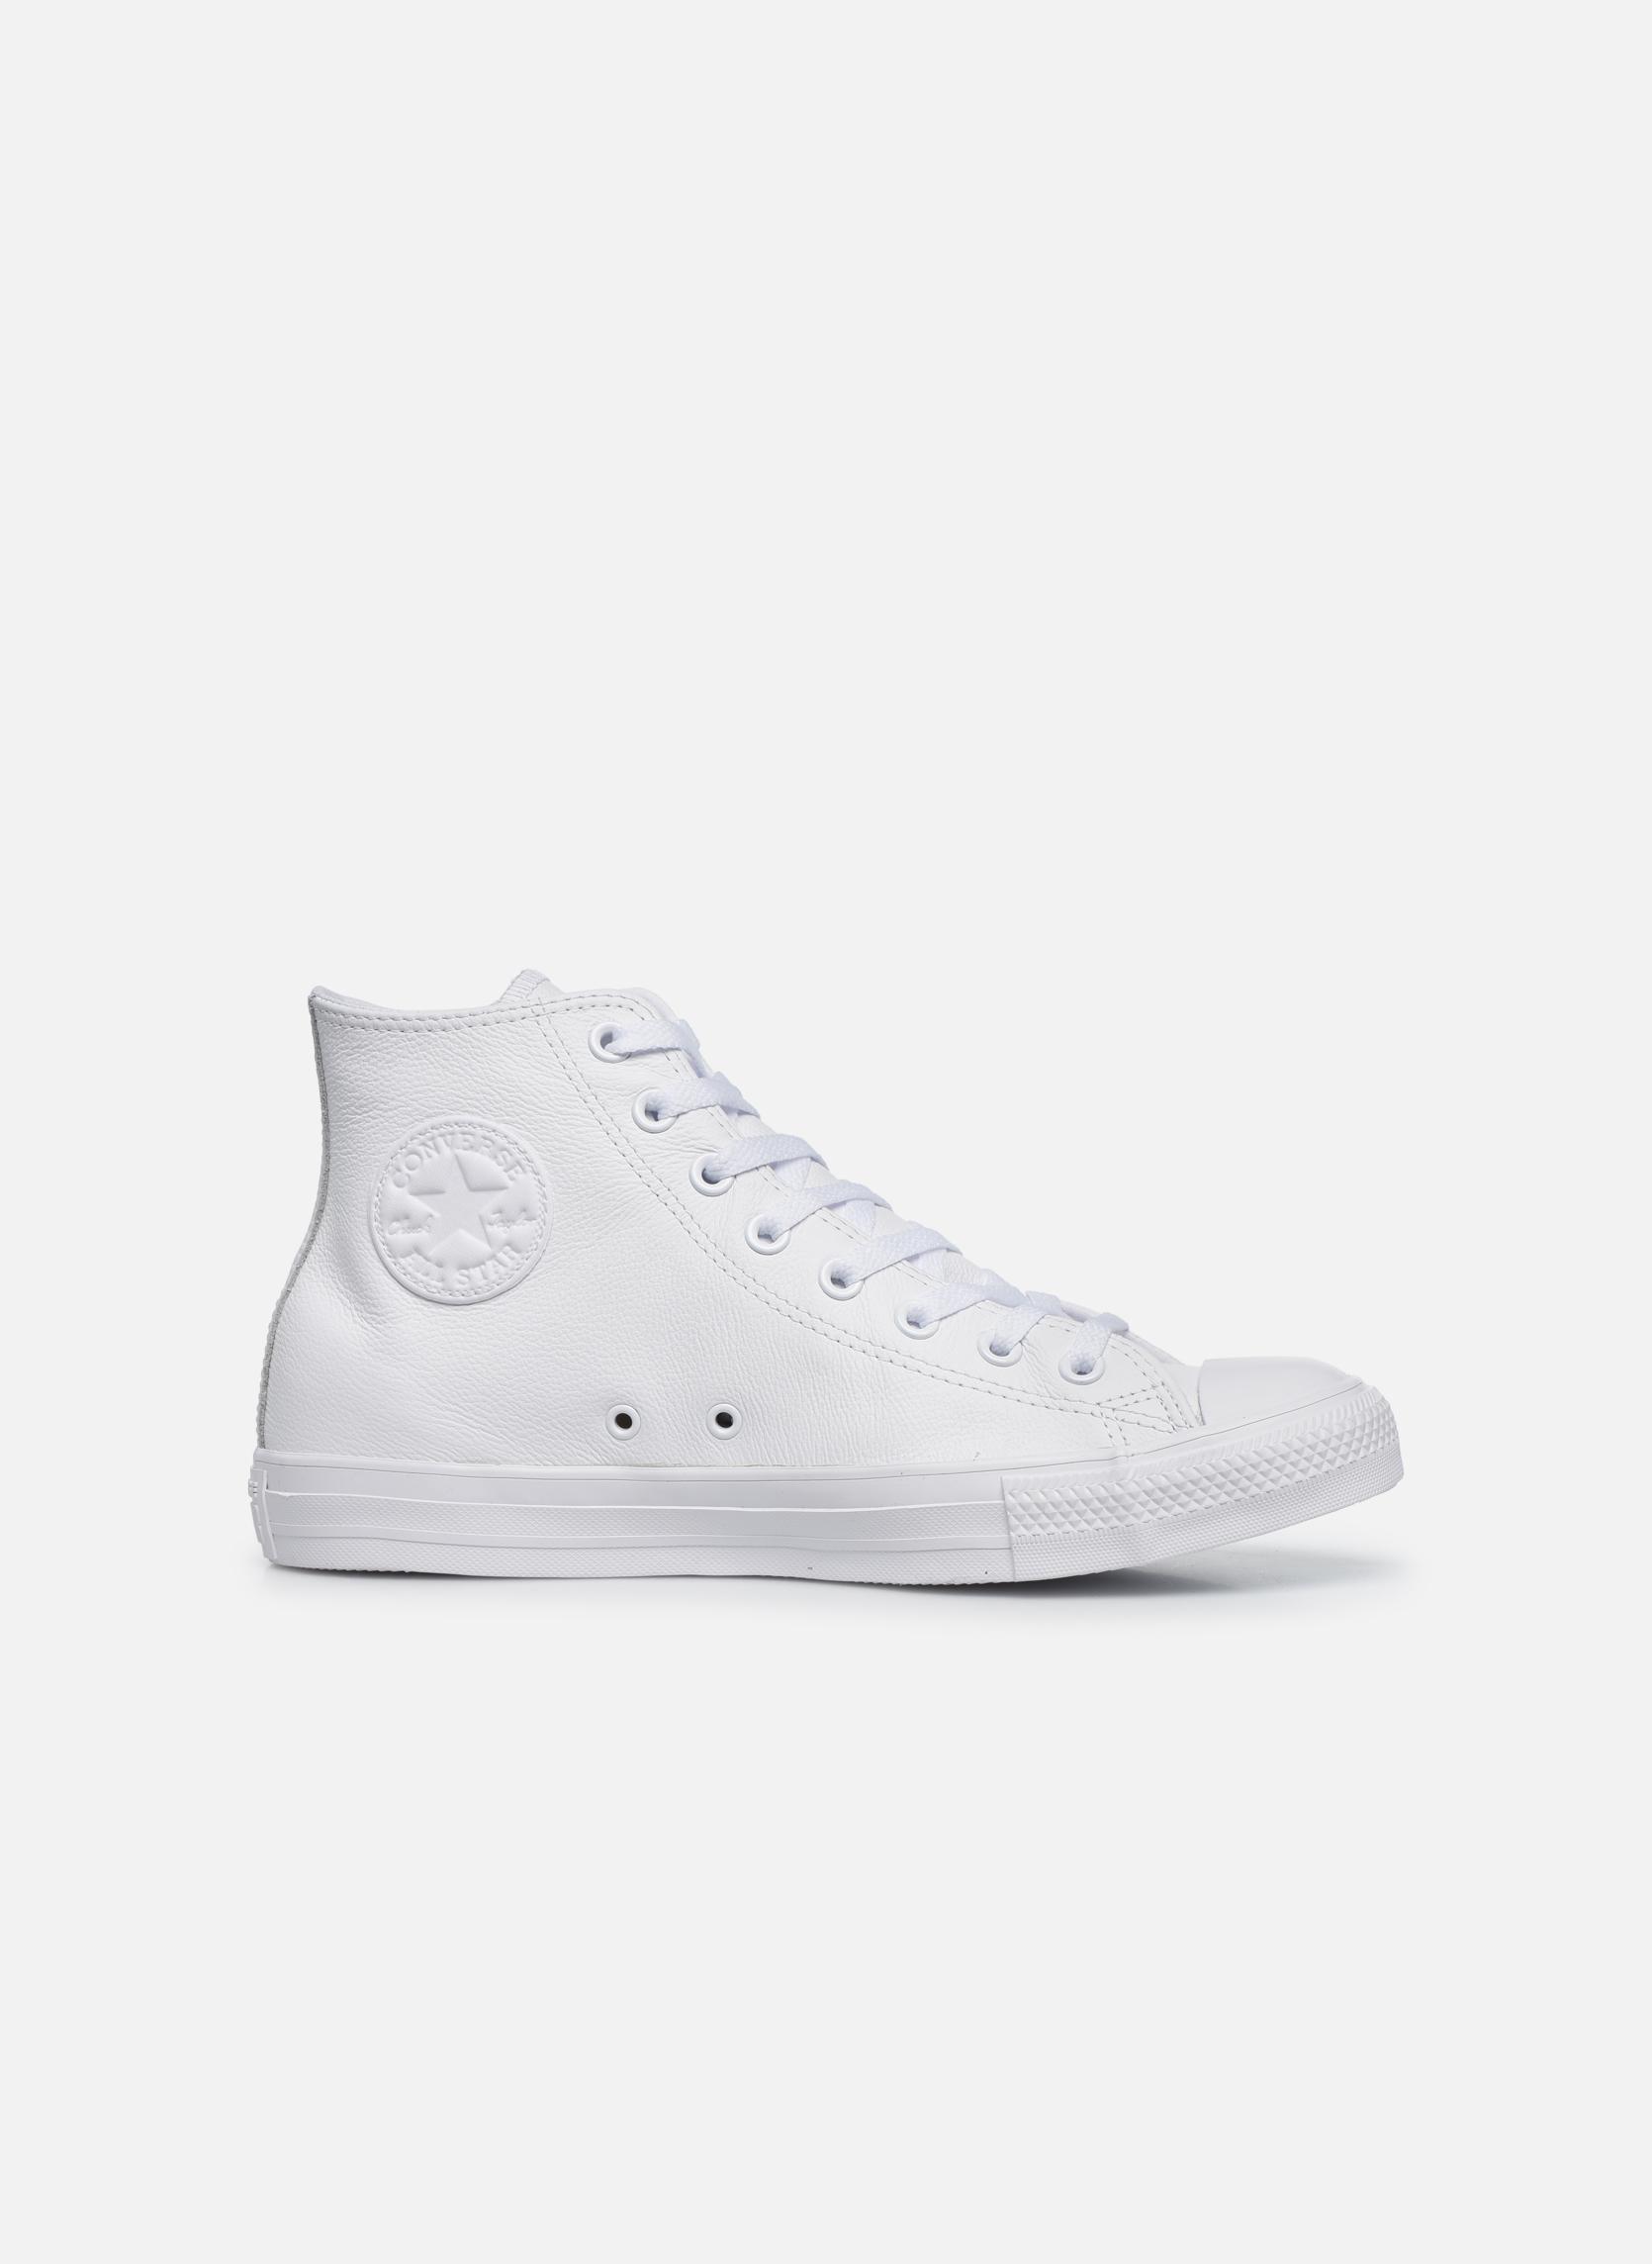 Detalles de Mujer Converse Chuck Taylor All Star Mono Leather Hi W Deportivas Blanco